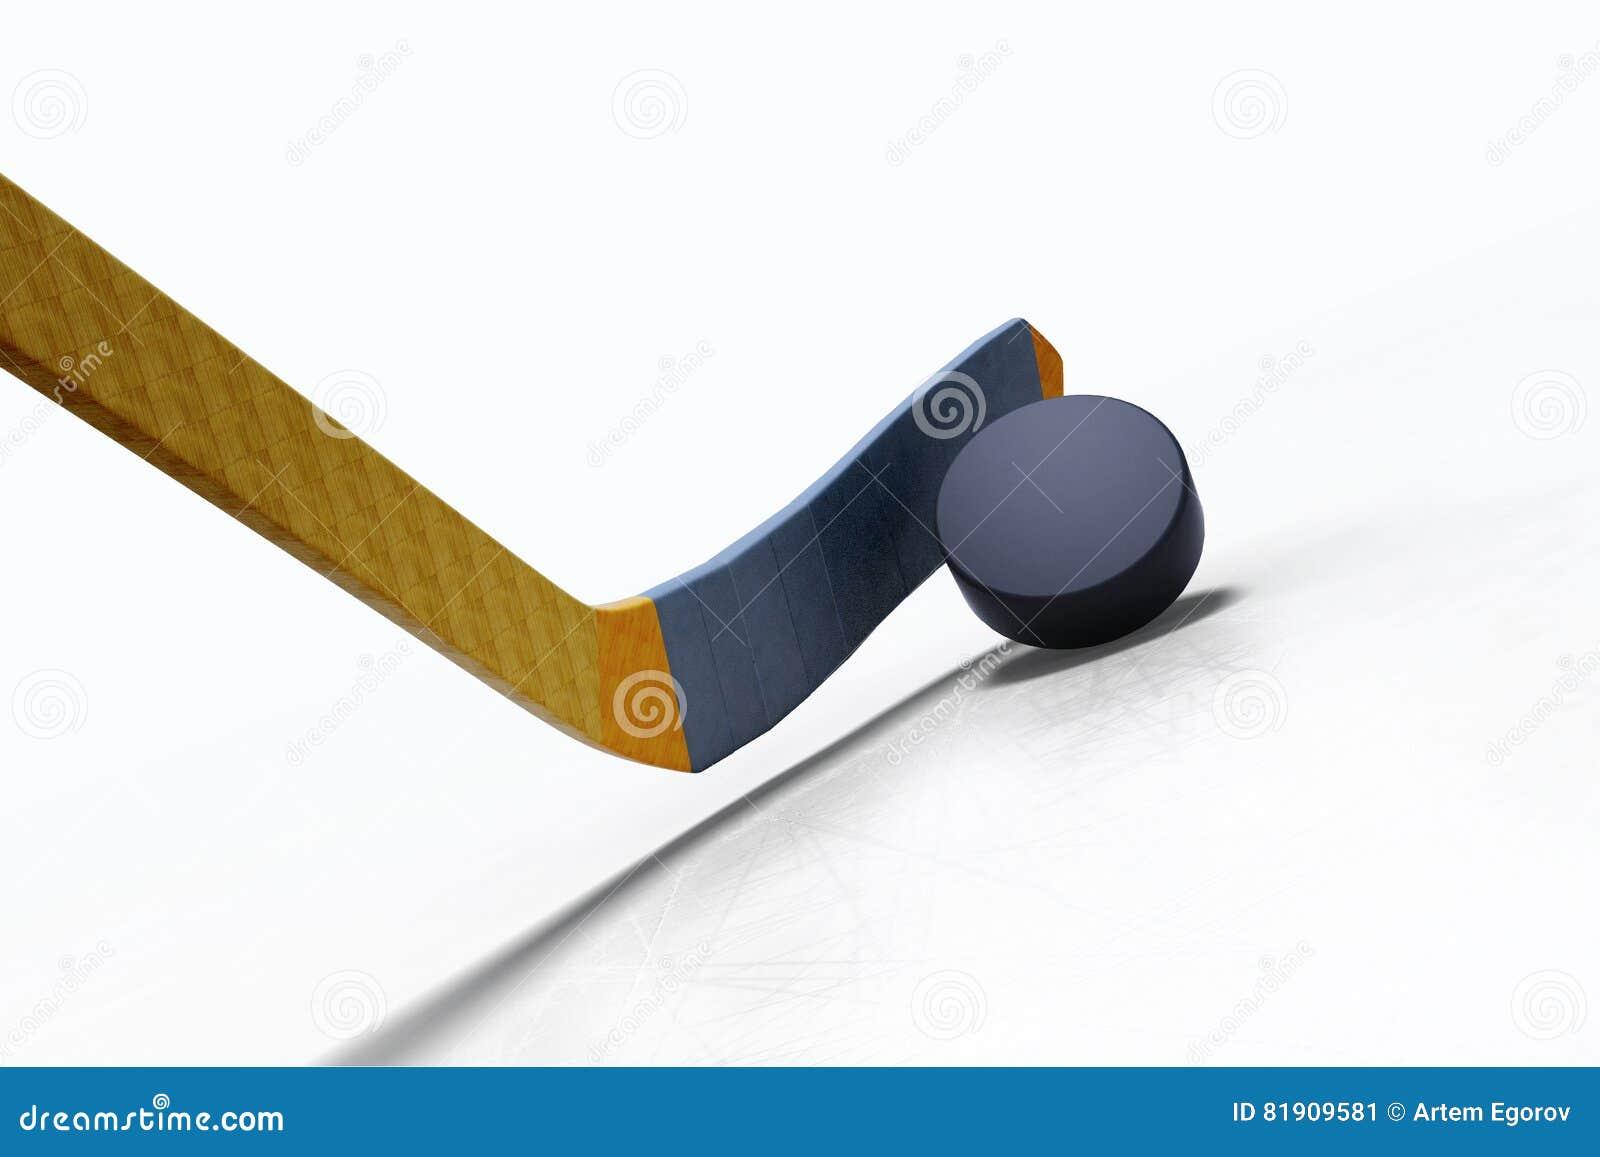 Illustration 3d des Hockeyschlägers und des sich hin- und herbewegenden Kobolds auf dem Eis